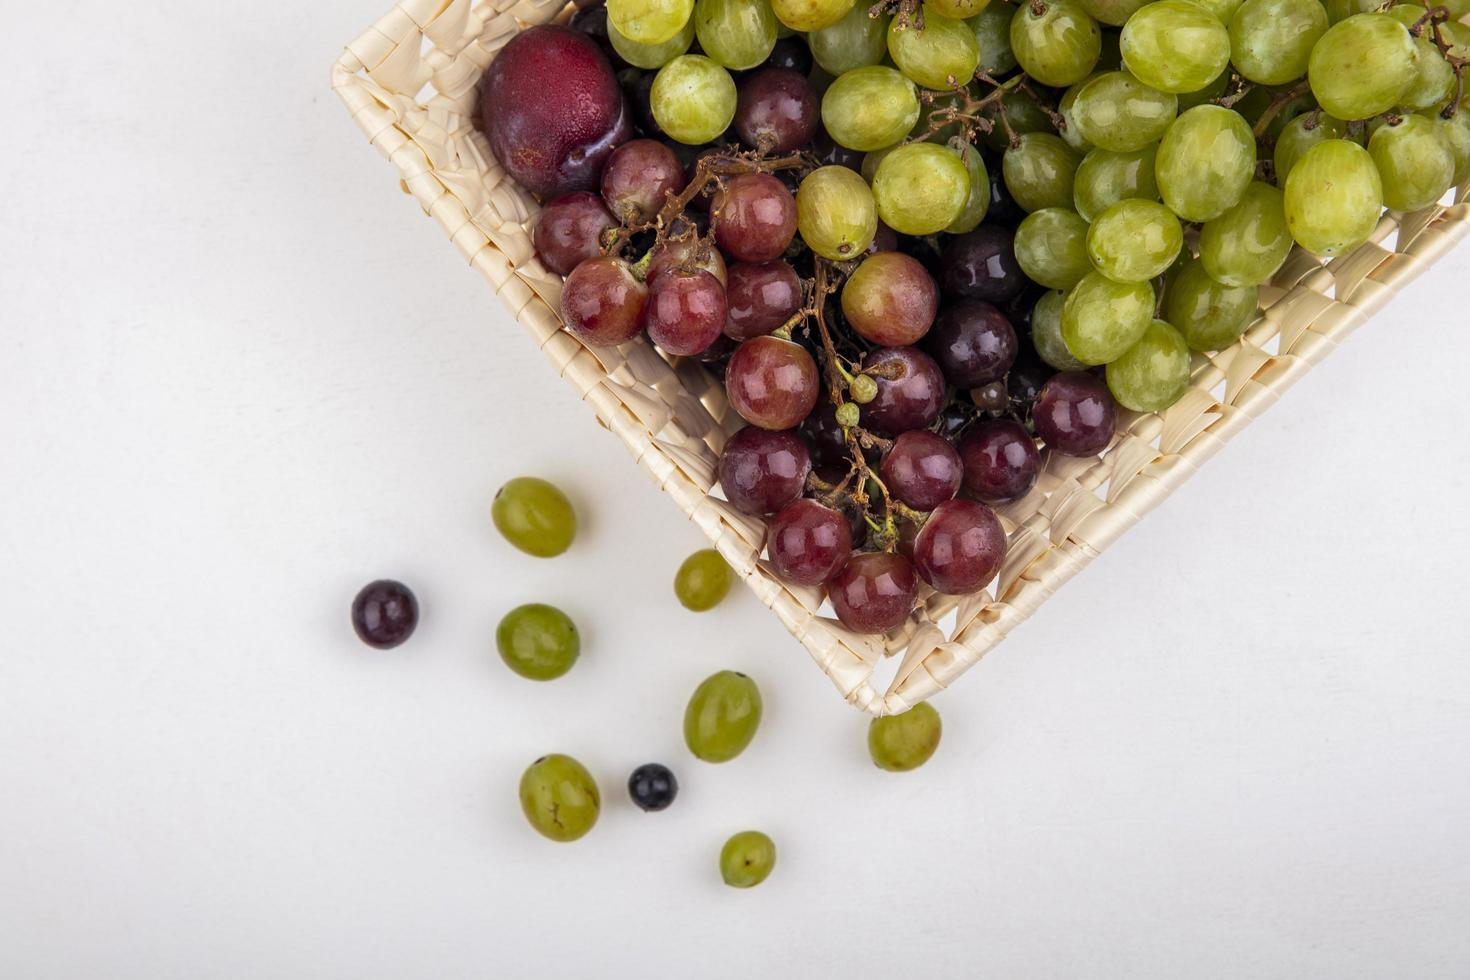 verschiedene Früchte auf neutralem Hintergrund foto